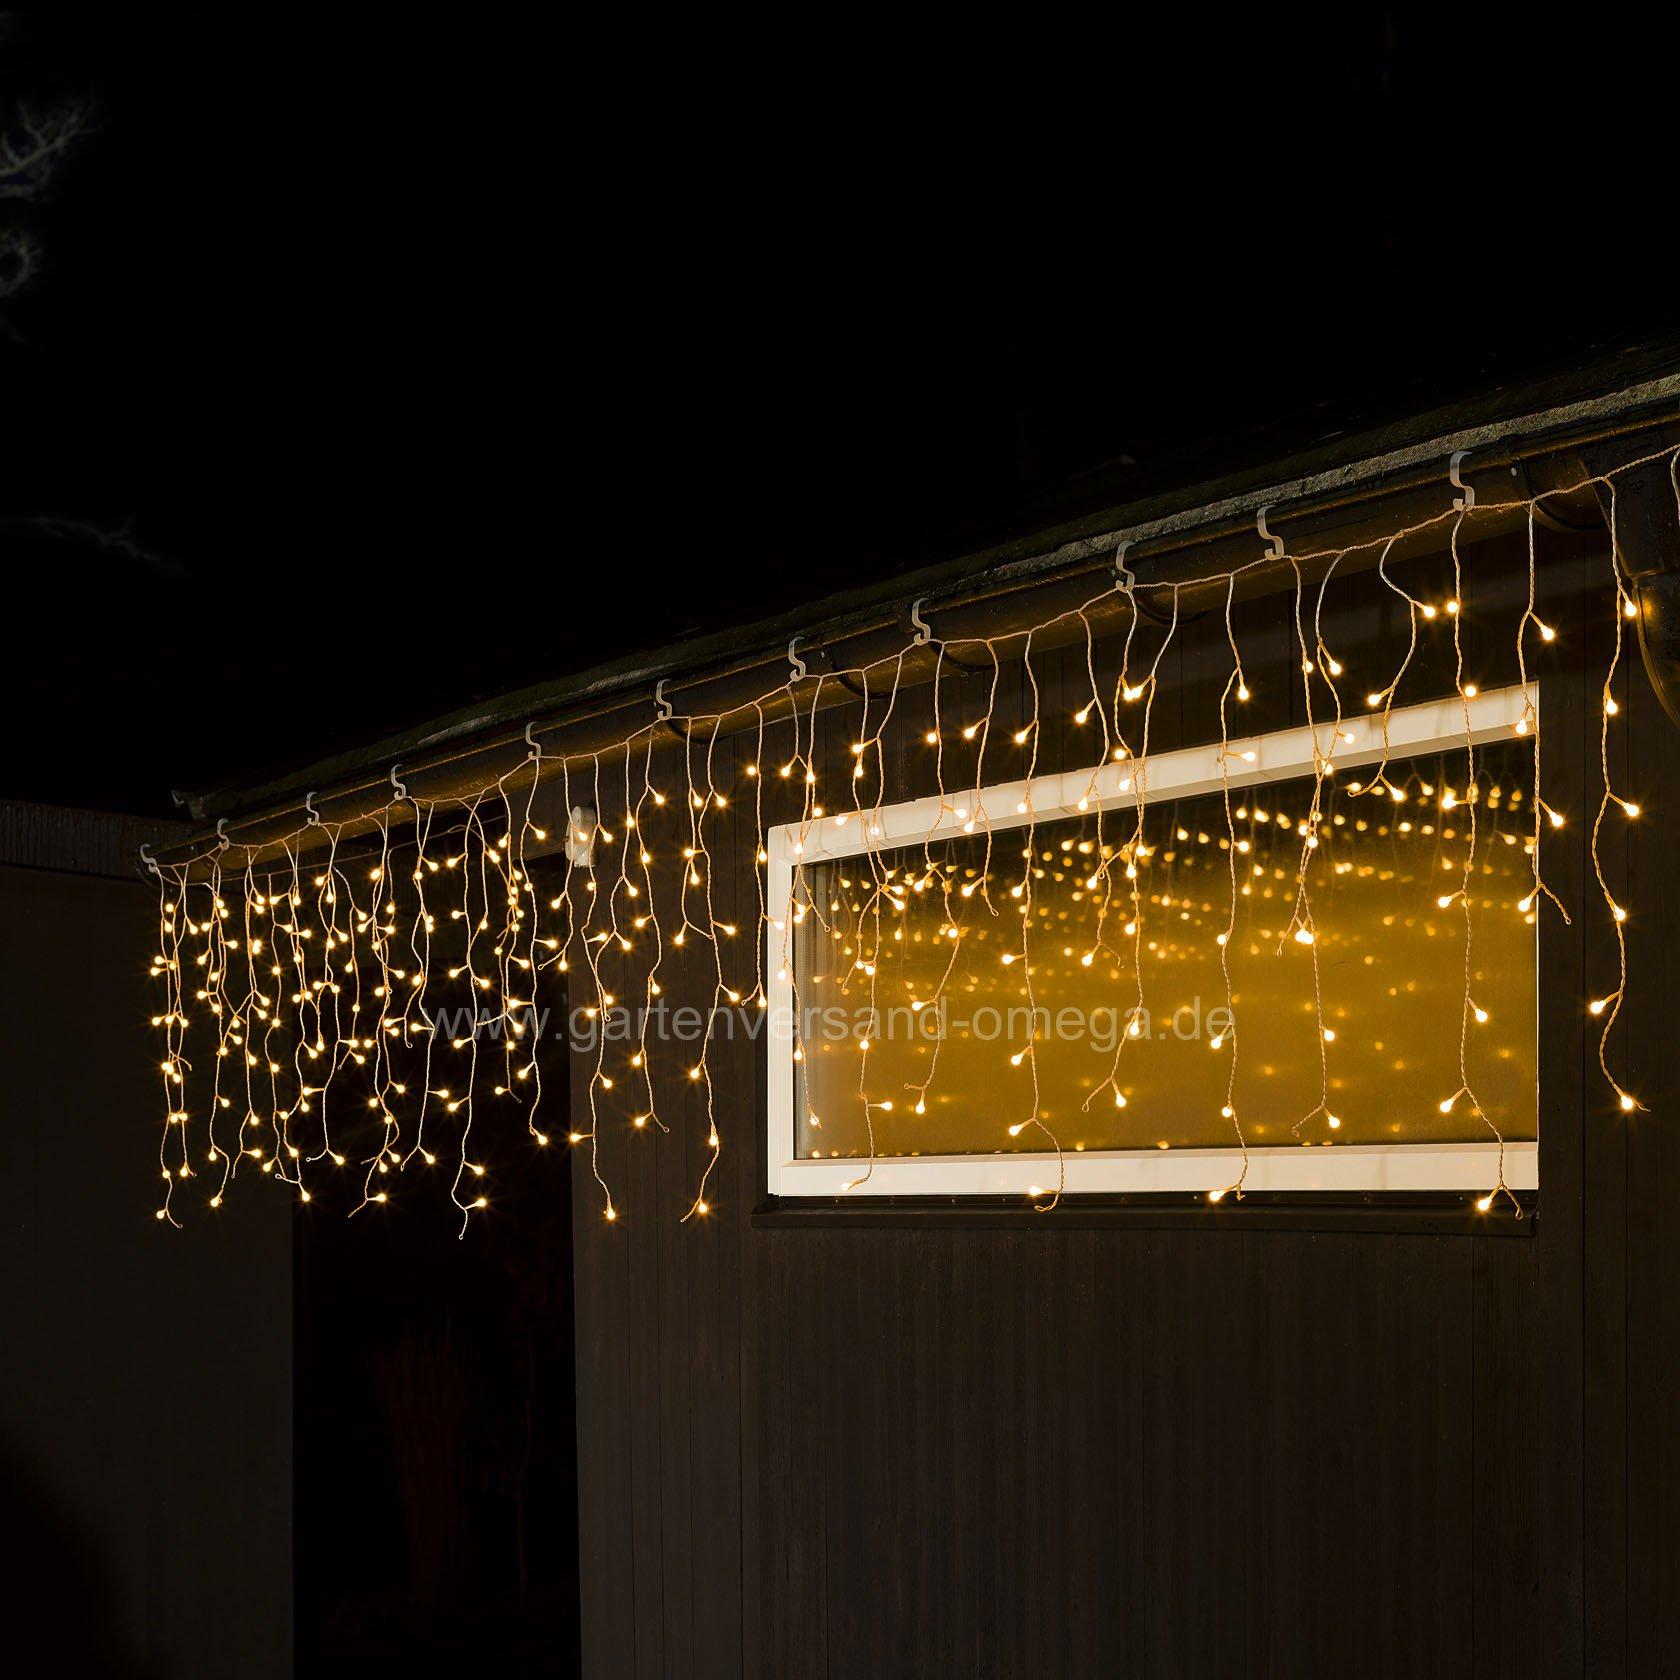 led eisregen lichtervorhang mit wei en globes. Black Bedroom Furniture Sets. Home Design Ideas